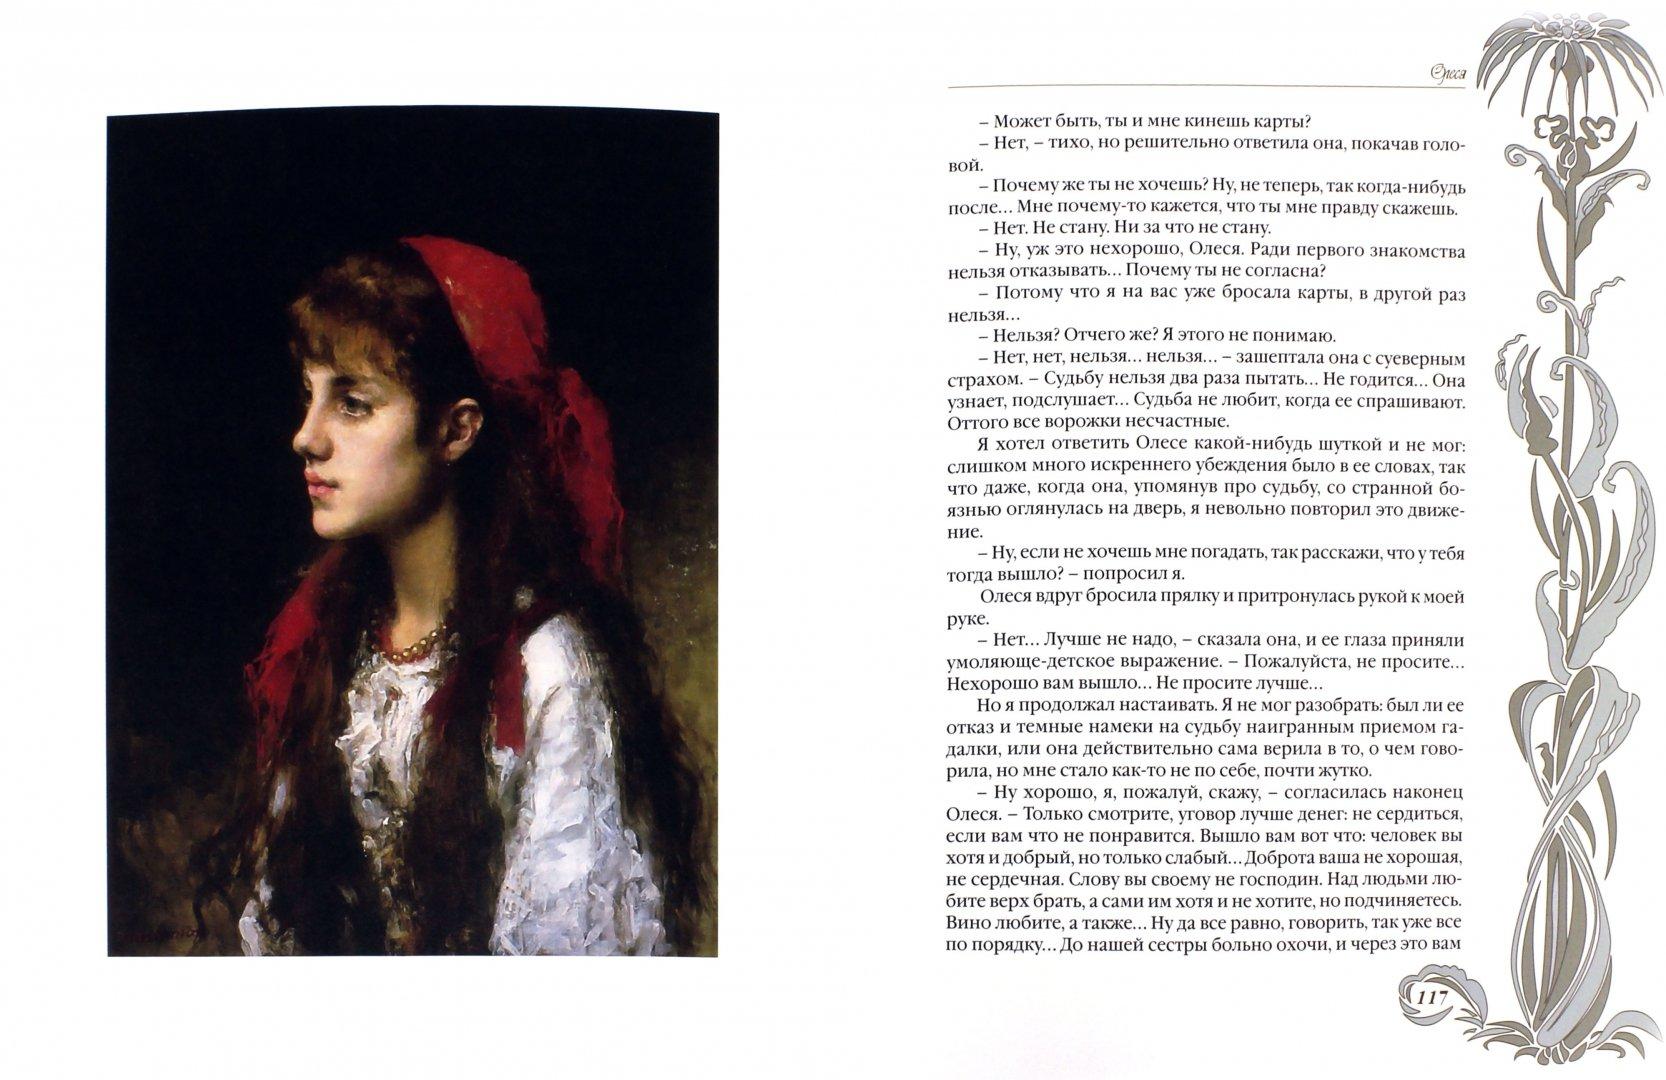 Иллюстрация 3 из 3 для Любовь - Тургенев, Бунин, Куприн   Лабиринт - книги. Источник: Лабиринт